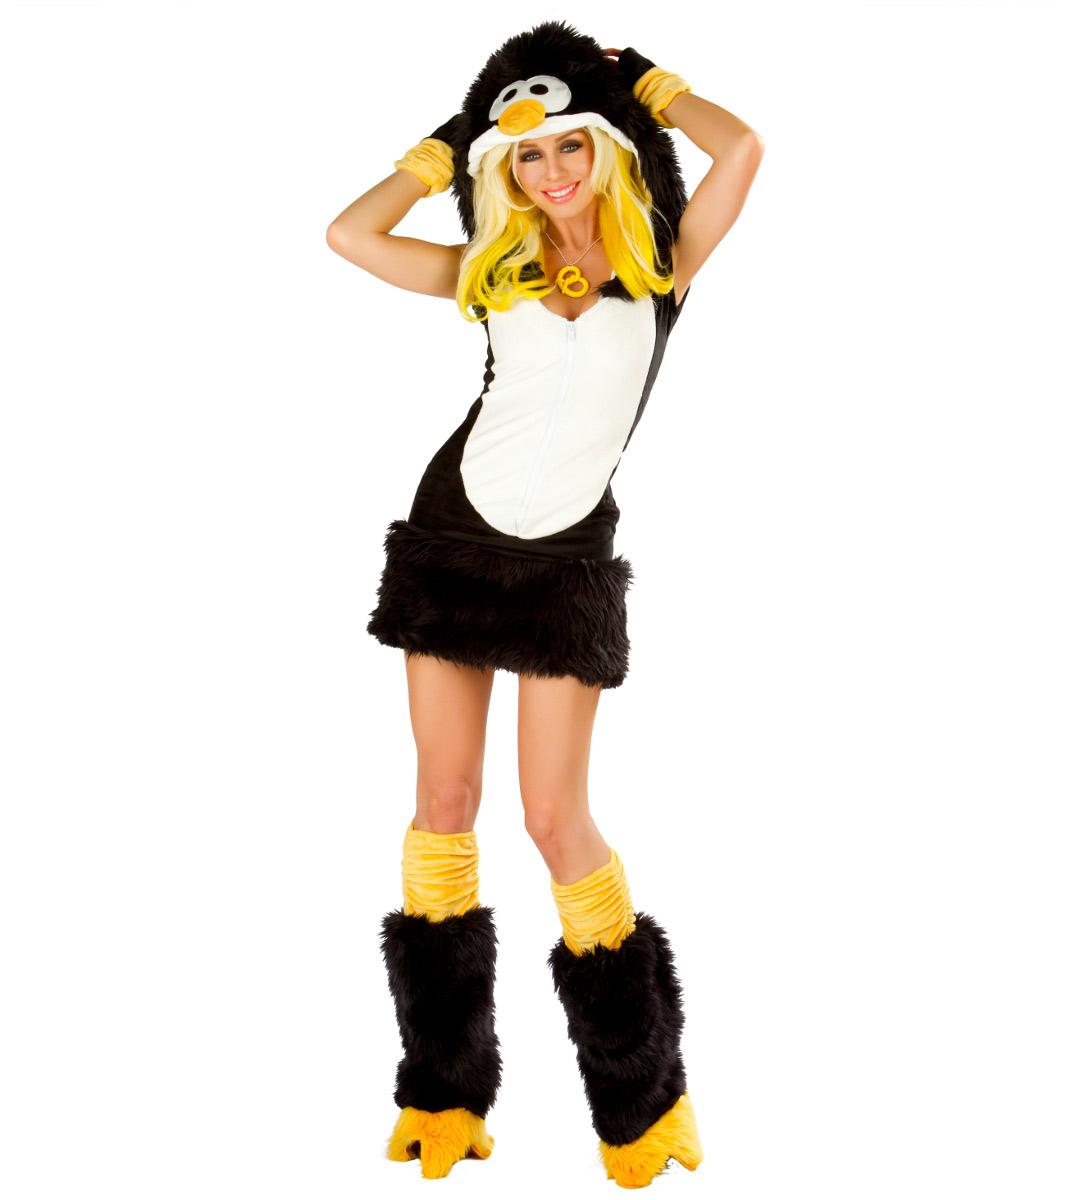 Костюм пингвина — Купить костюм пингвина женский на Новый ... - photo#20